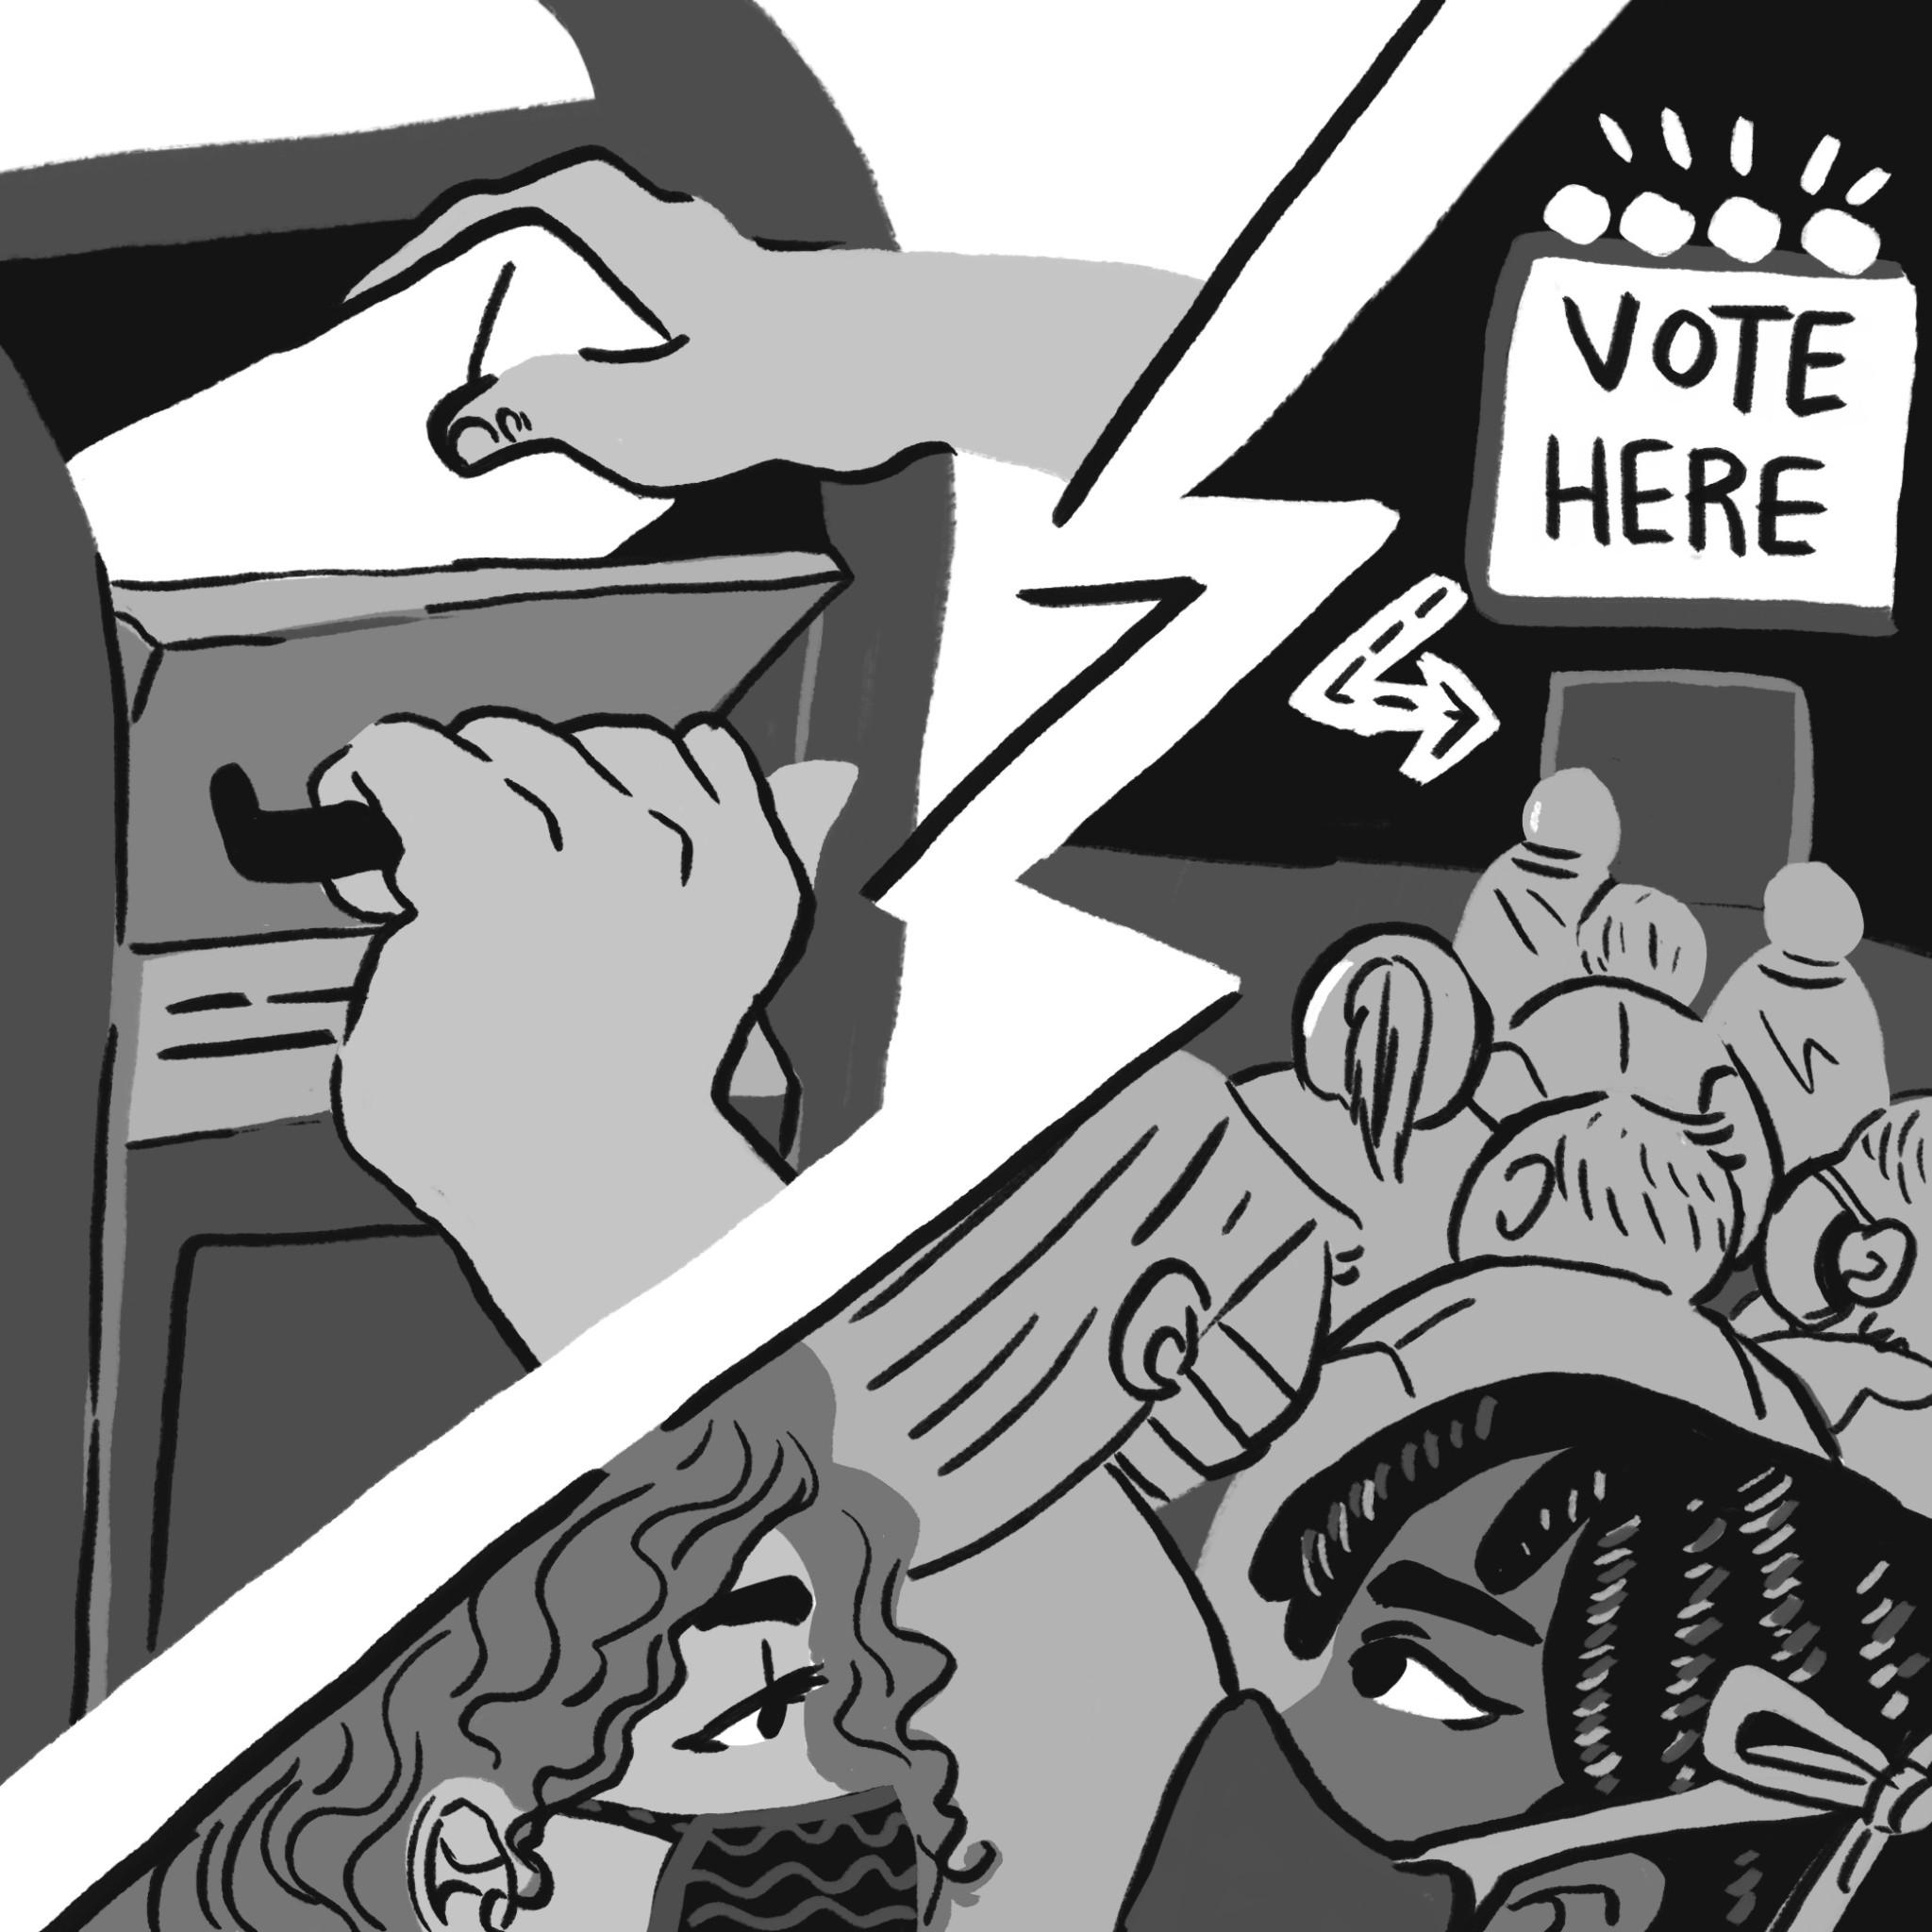 Cómo votar en Chicago